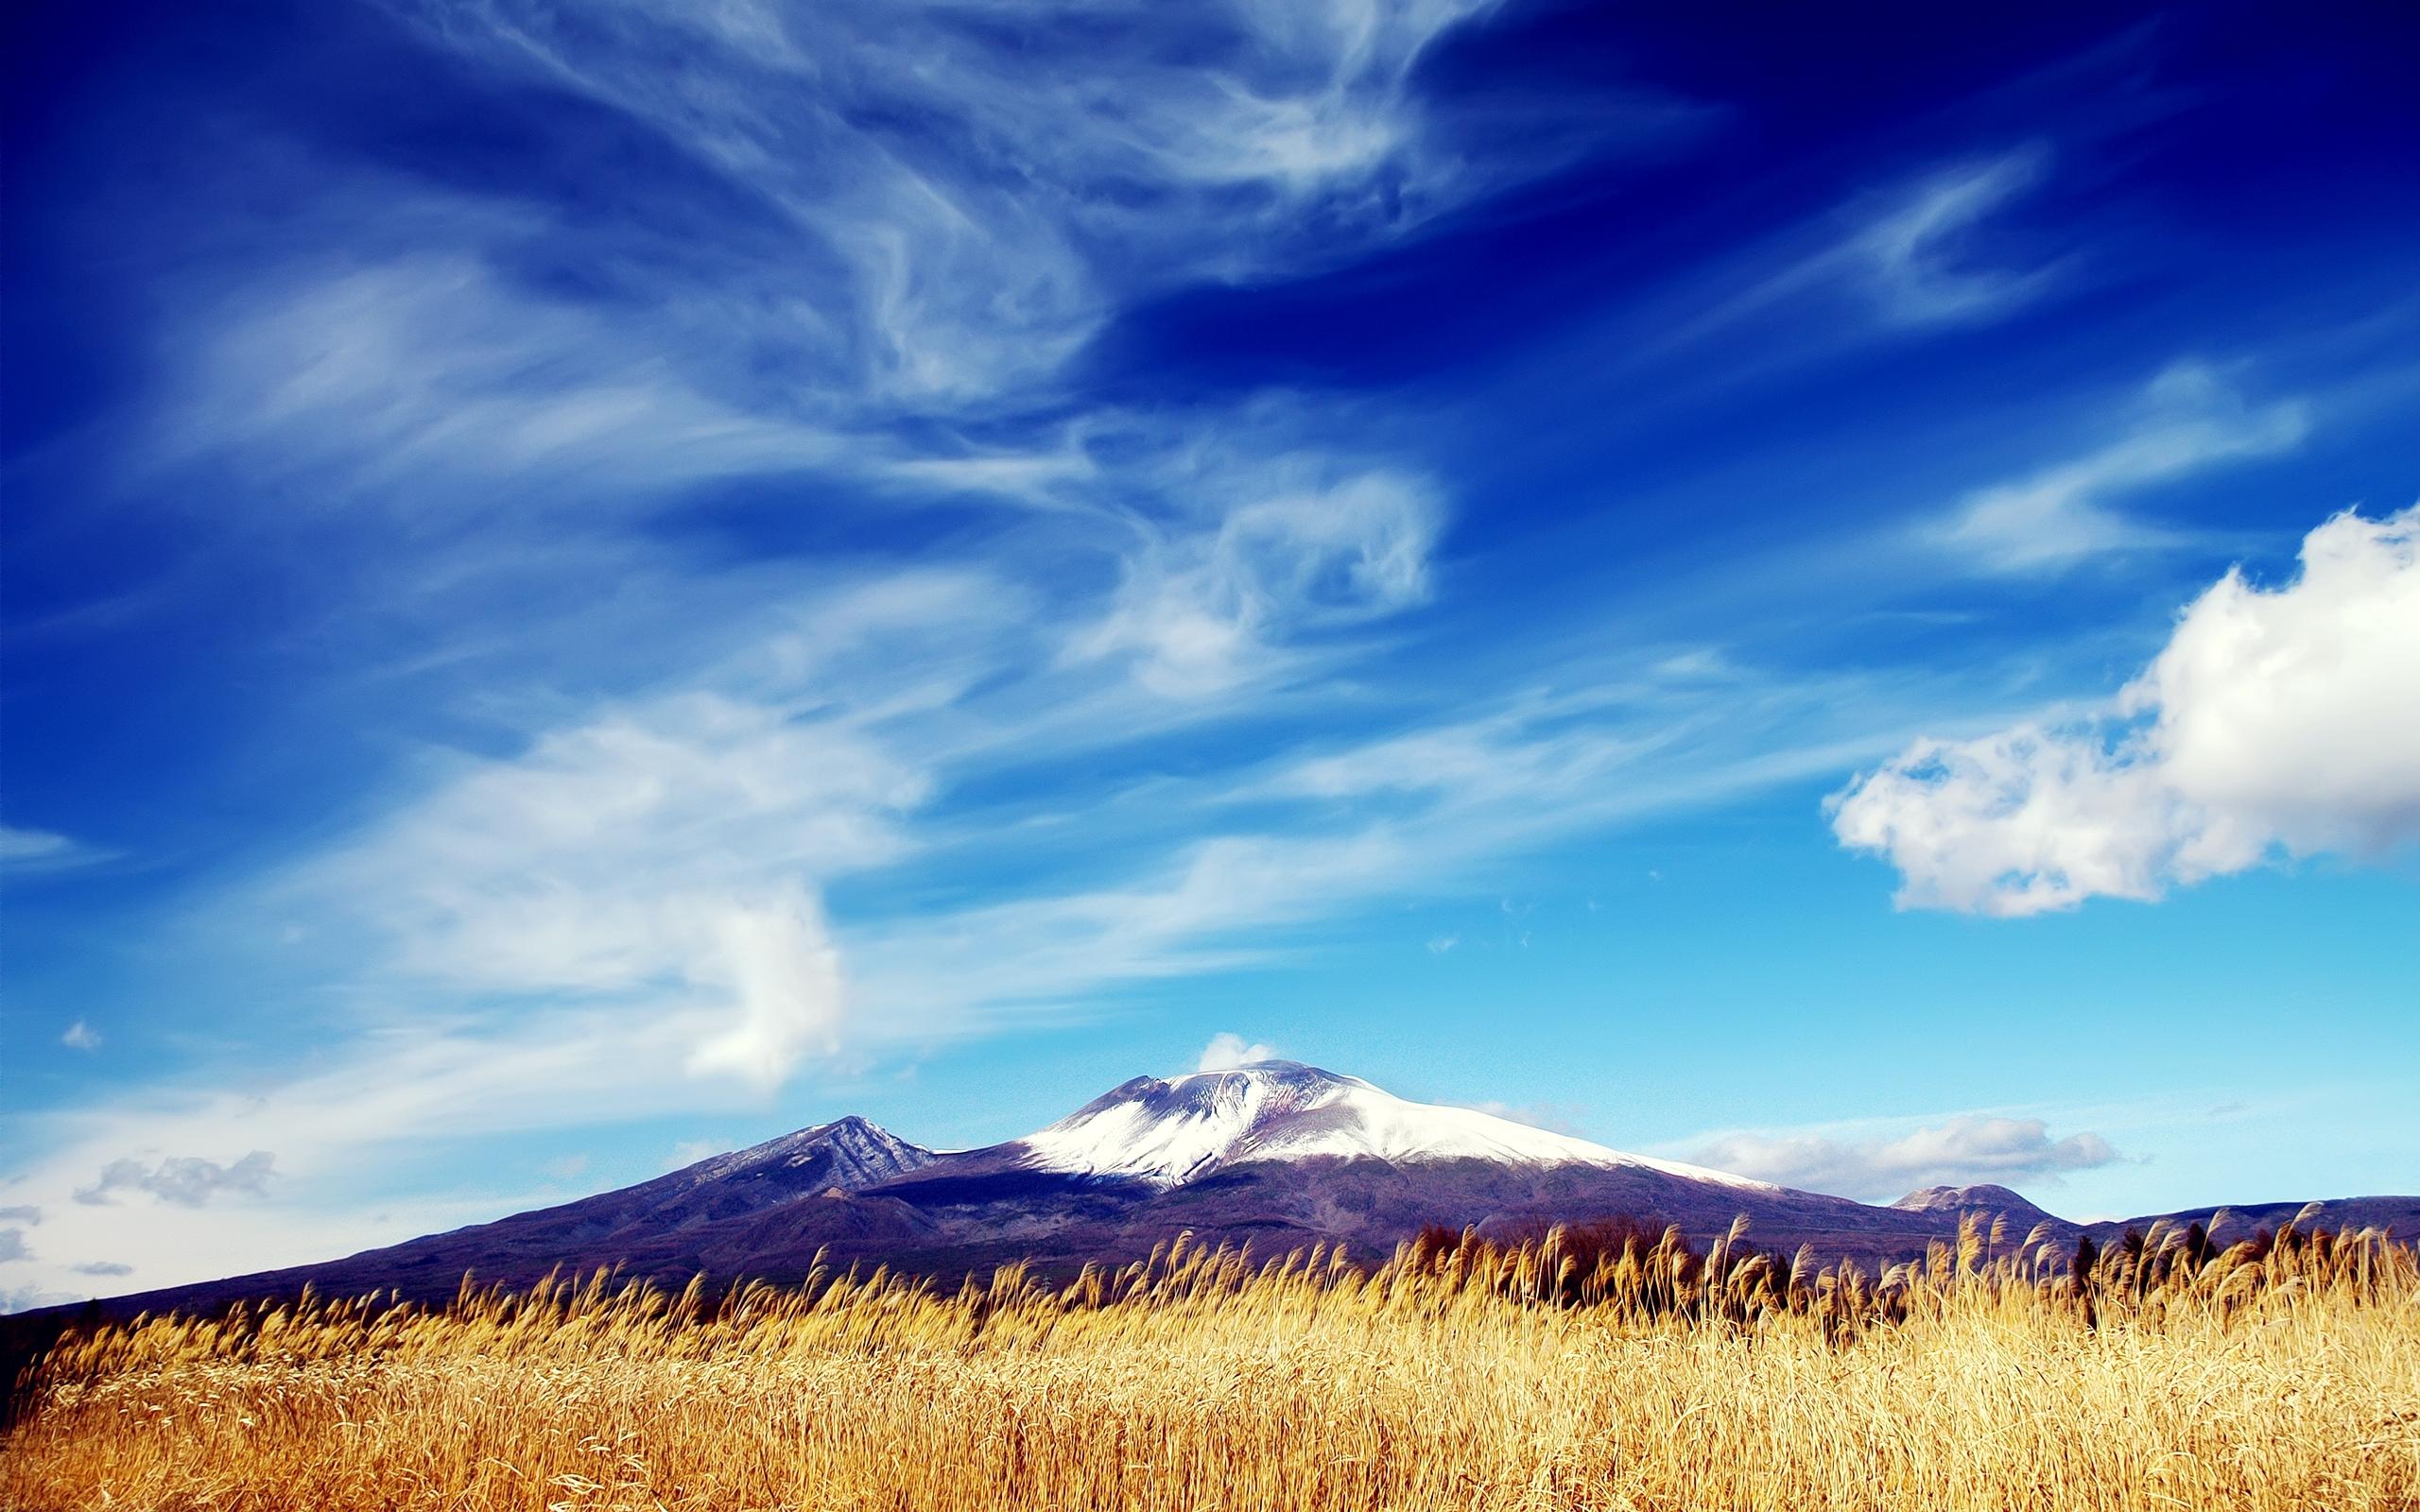 Blue sky and mountains HD Desktop Wallpaper HD Desktop Wallpaper 2560x1600